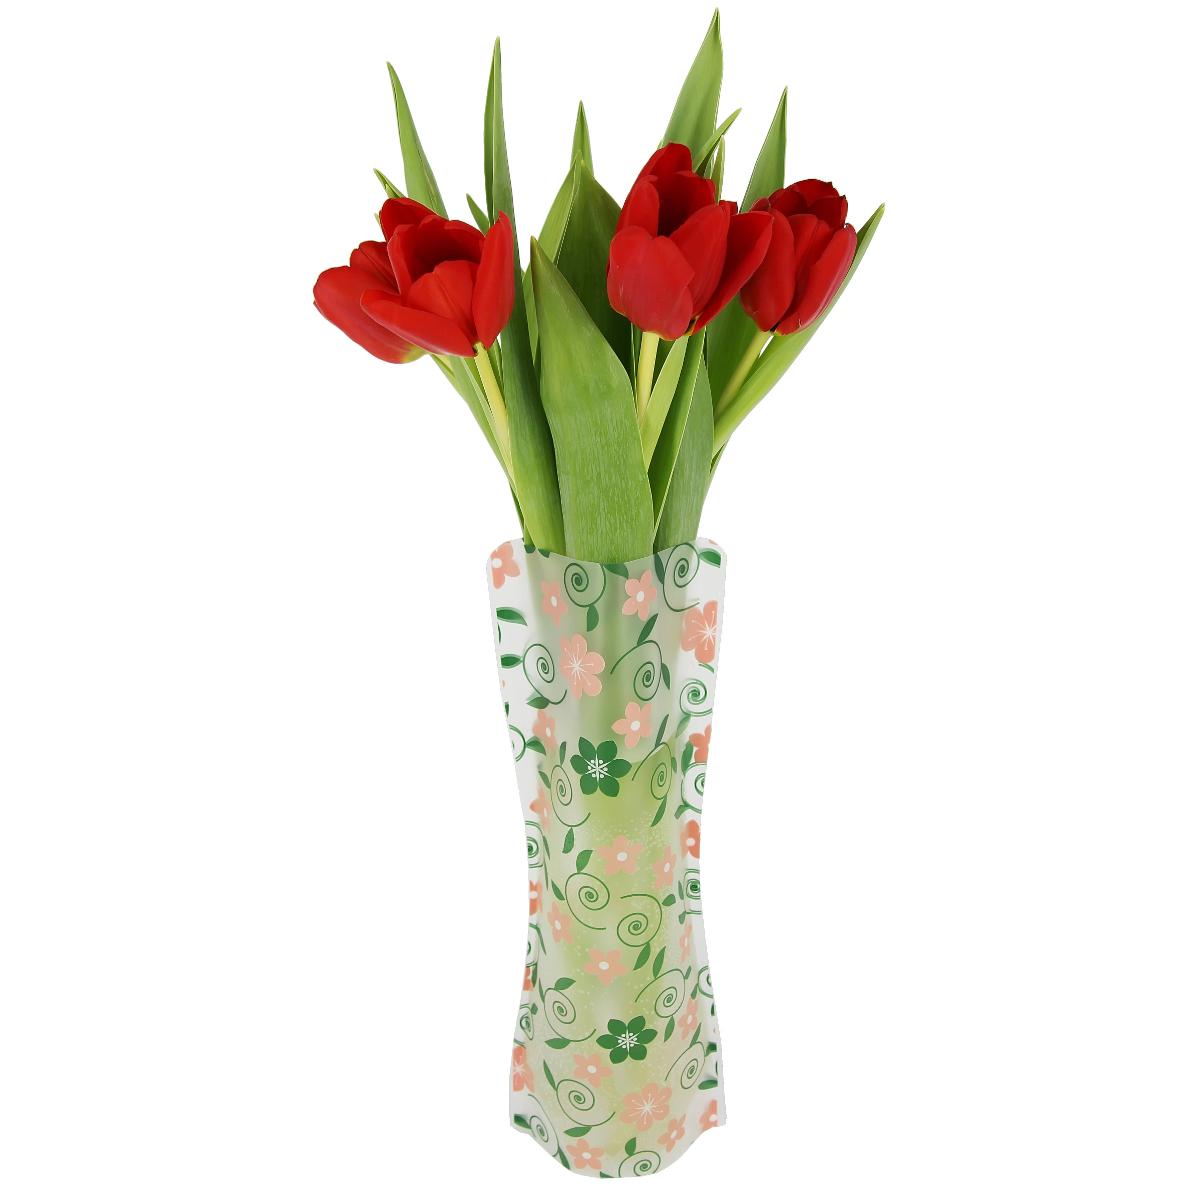 Ваза МастерПроф Летний узор, пластичная, 1 лFS-80423Пластичная ваза Летний узор легко складывается, удобно хранится - занимает мало места, долго служит. Всегда пригодится дома, в офисе, на даче, для оформления различных мероприятий. Отлично подойдет для перевозки цветов, или просто в подарок.Инструкция: 1. Наполните вазу теплой водой;2. Дно и стенки расправятся;3. Вылейте воду;4. Наполните вазу холодной водой;5. Вставьте цветы.Меры предосторожности:Хранить вдали от источников тепла и яркого солнечного света. С осторожностью применять для растений с длинными стеблями и с крупными соцветиями, что бы избежать опрокидывания вазы.